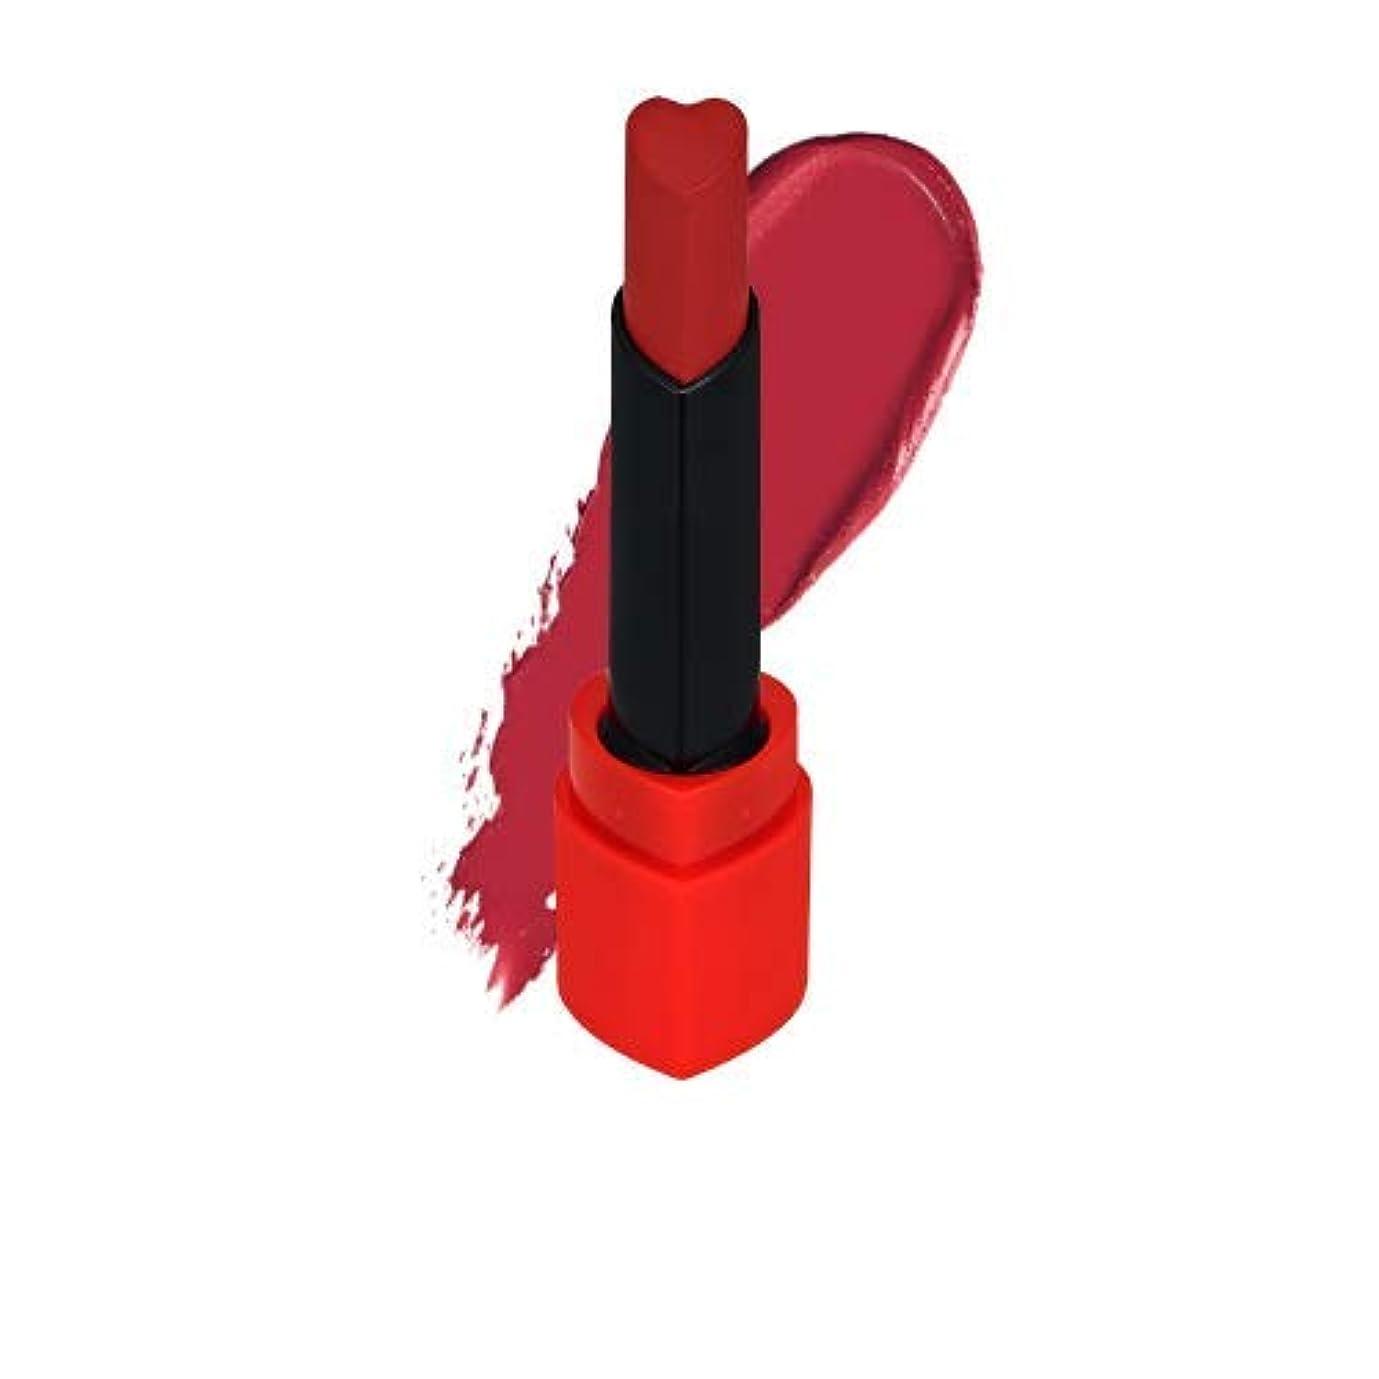 実質的に荒廃するネストホリカホリカ ハートクラッシュ?ベルベット?リップスティック HOLIKA HOLIKA Heart Crush Velvet Lipstick 1.8g (# PK03 GENTLE ROSE) [並行輸入品]